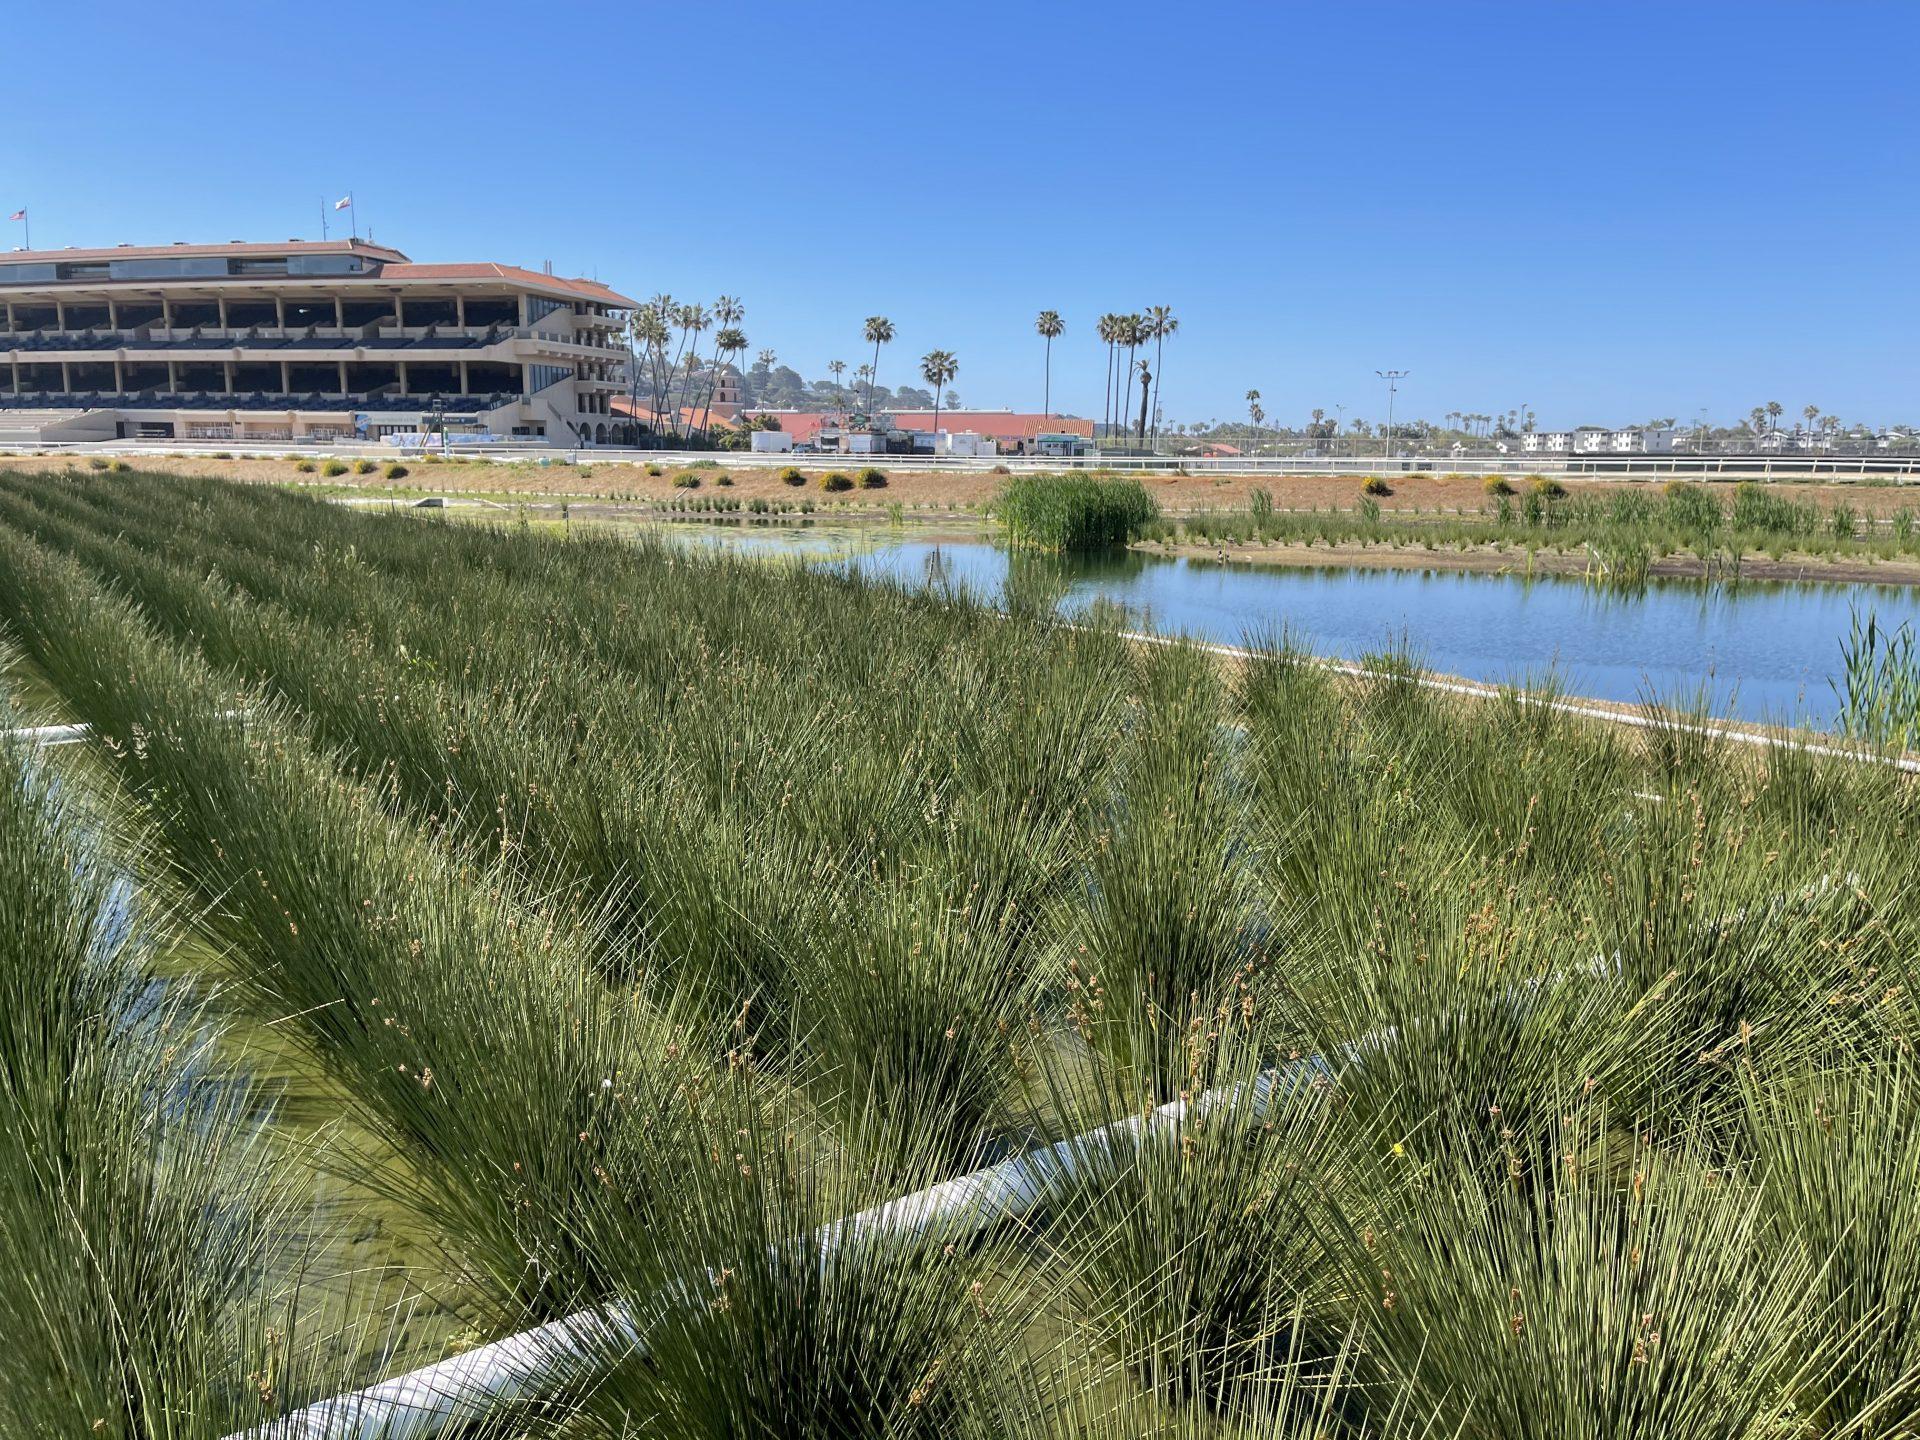 Del Mar Fairgrounds vertical flow treatment wetland